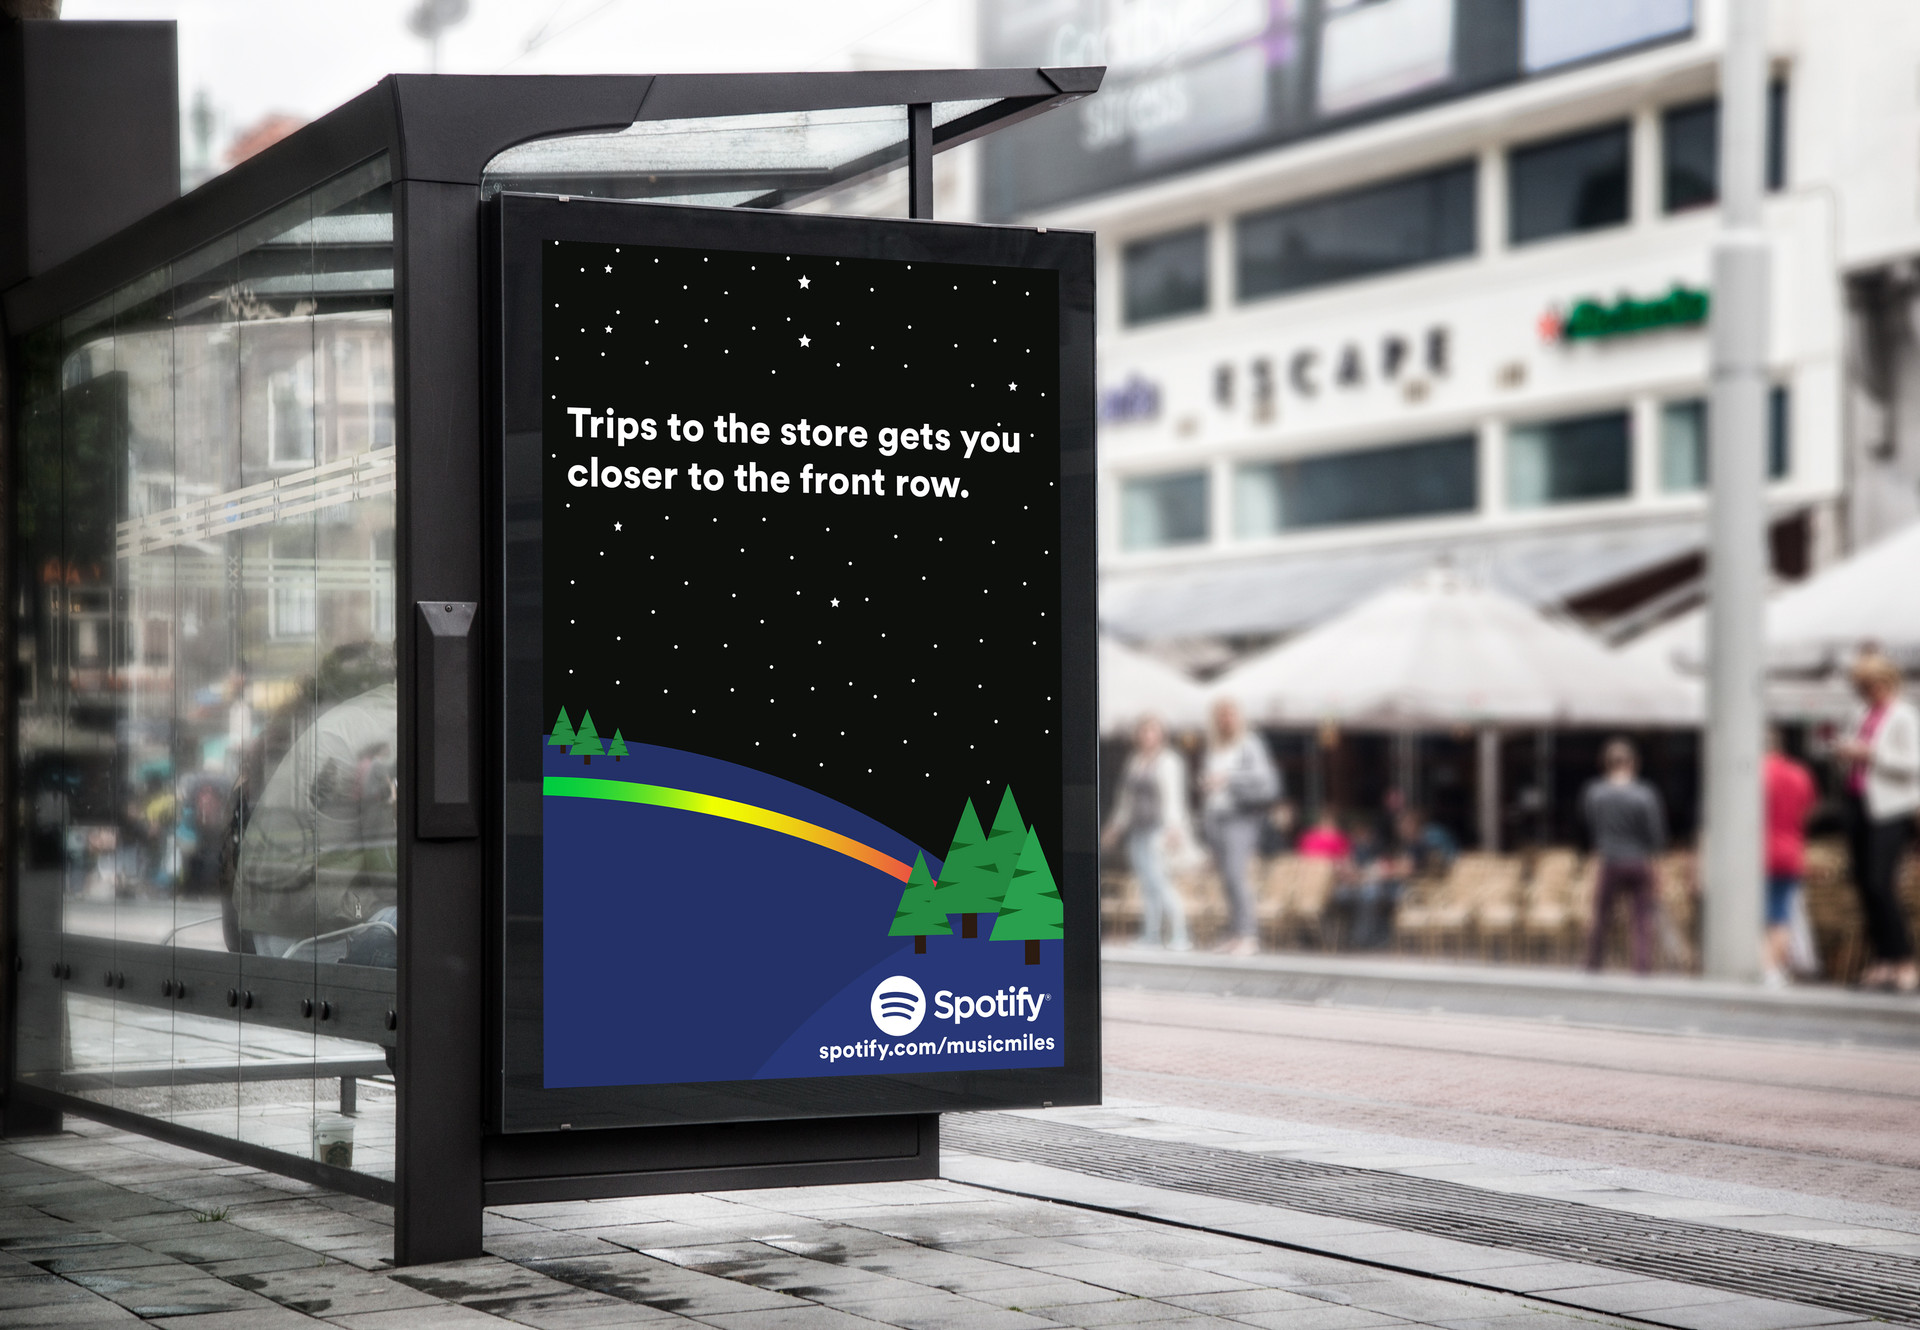 spot_busstop.jpg